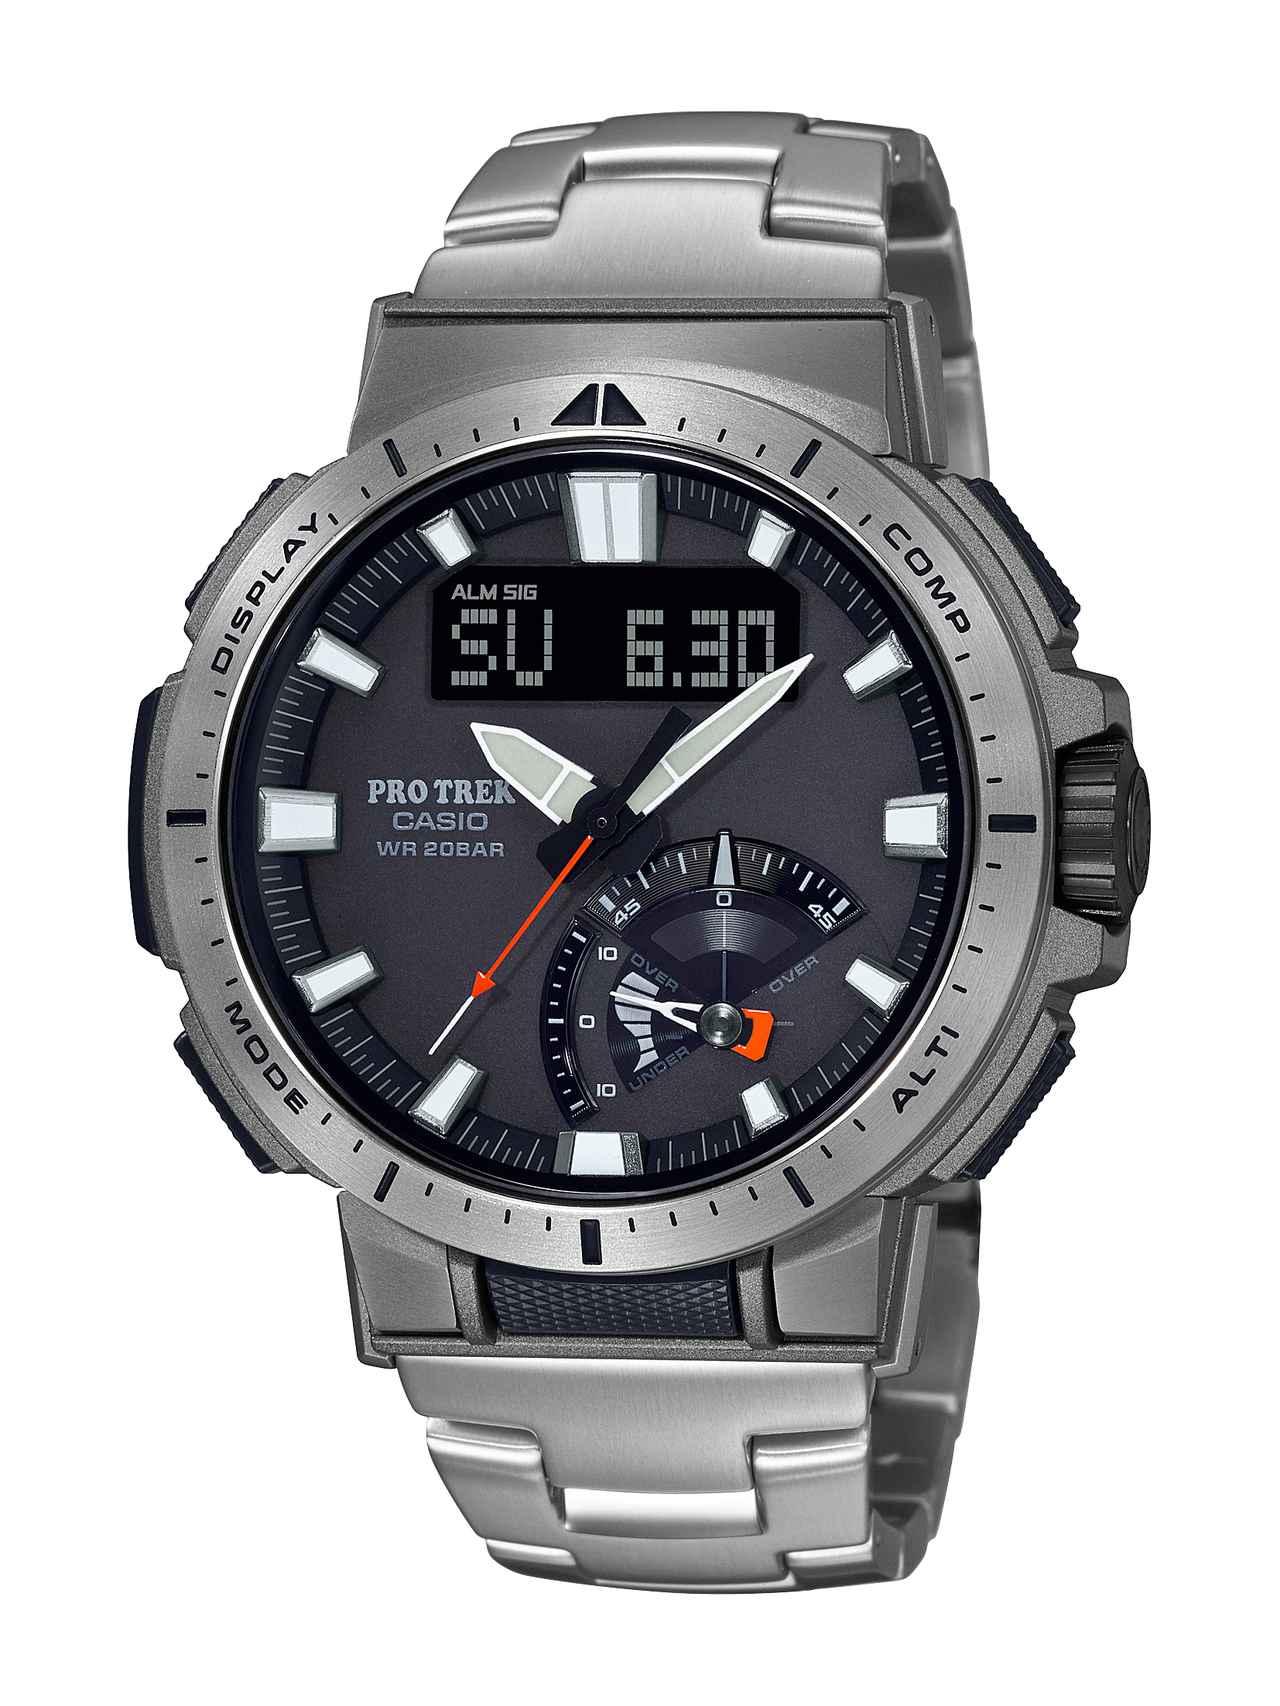 画像3: 20気圧防水&アウトドアで役立つ機能が満載! プロトレックの新型ソーラー電波腕時計「PRW-70」はライダーとも好相性